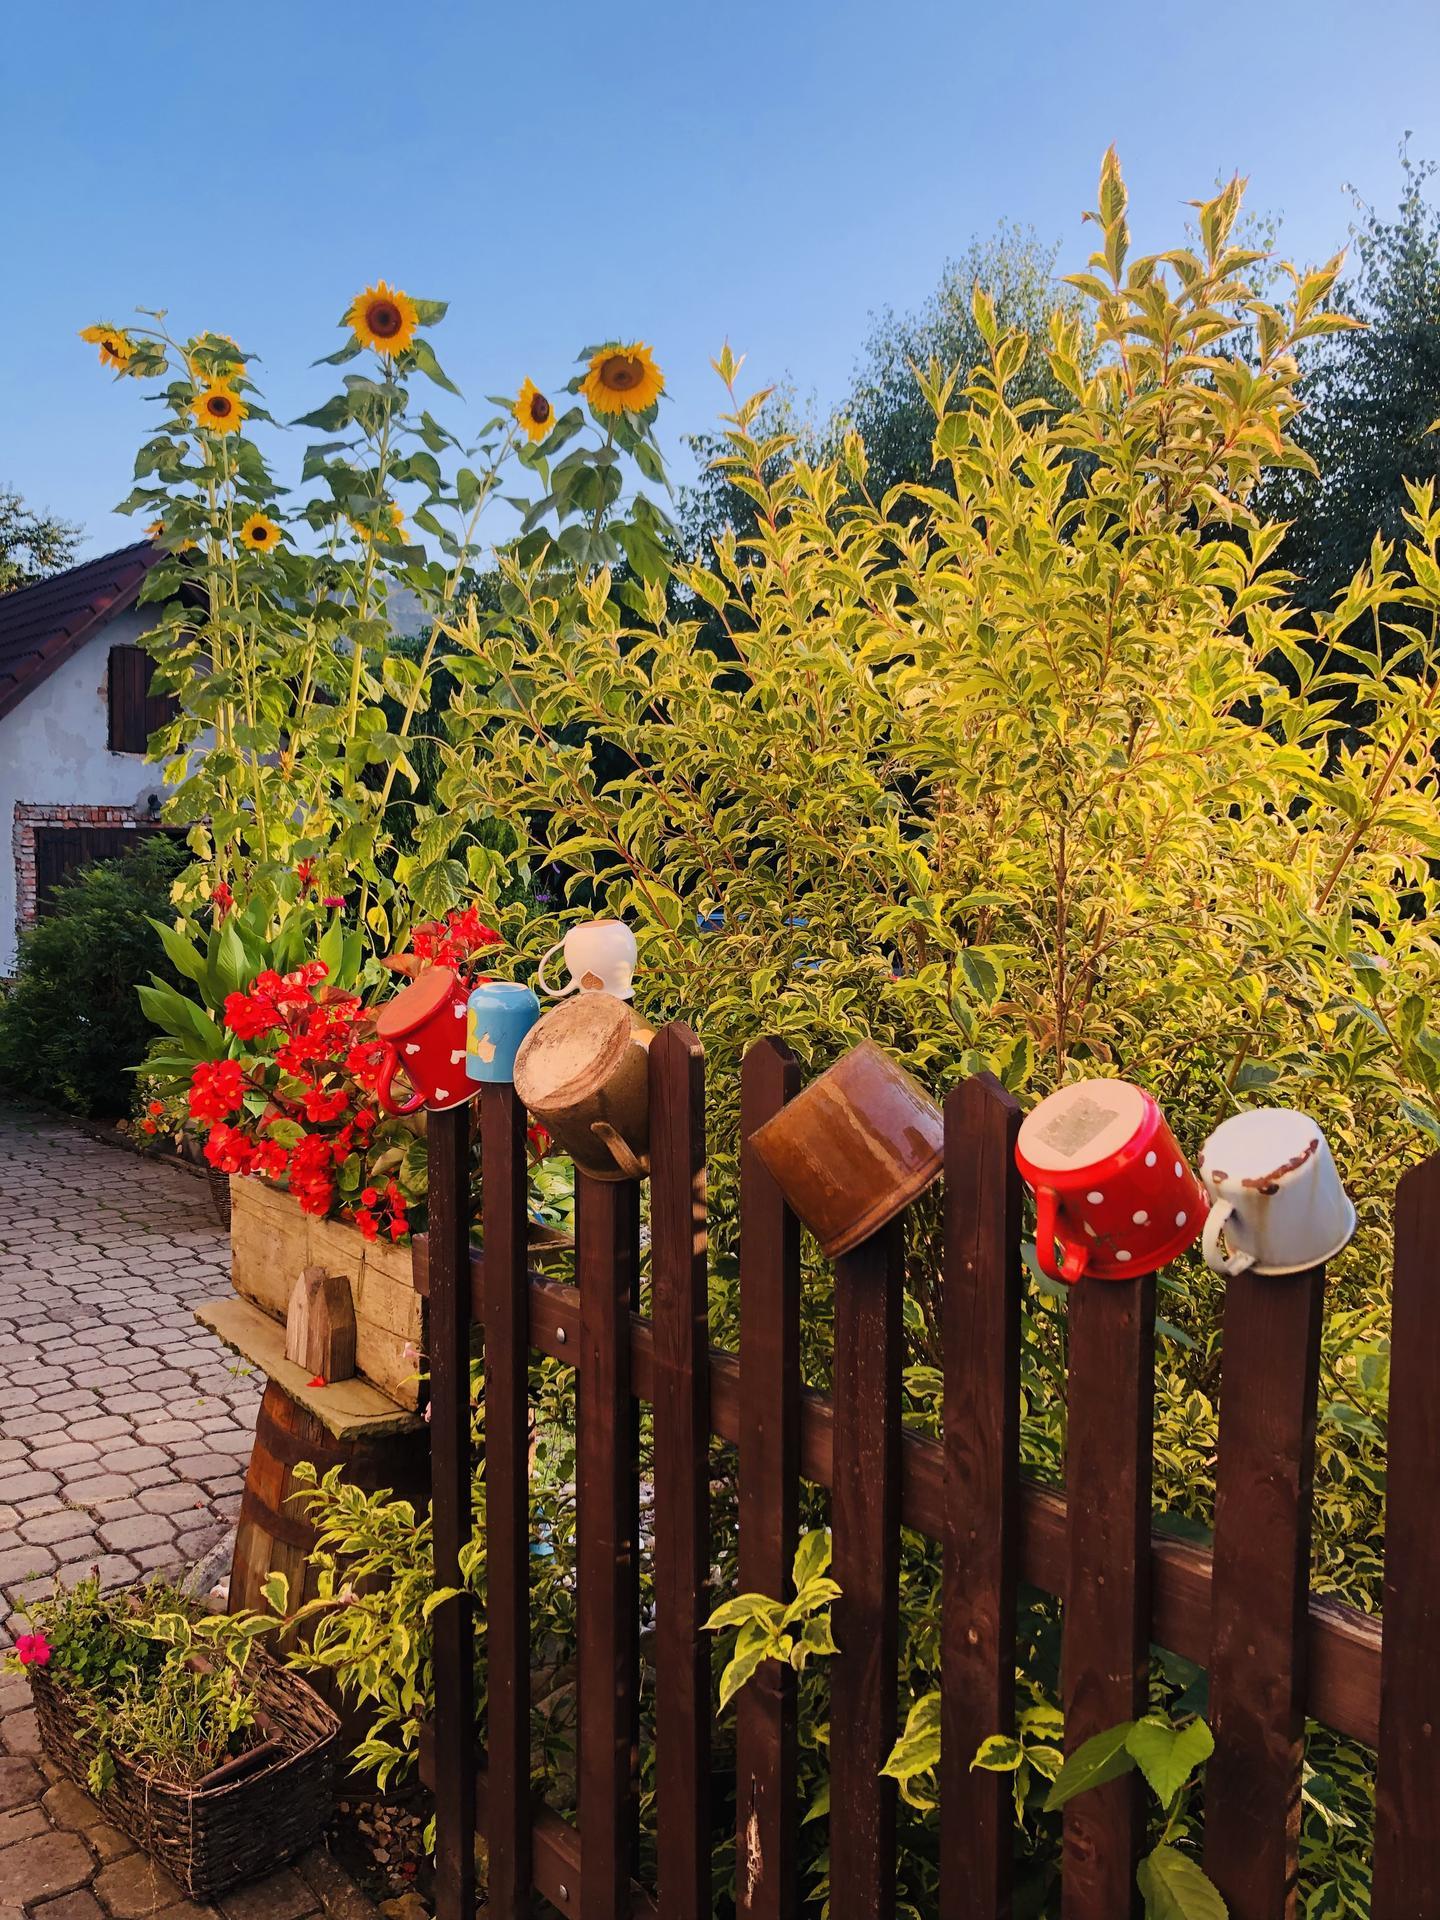 U nás doma a na zahradě 2021 - Obrázek č. 95